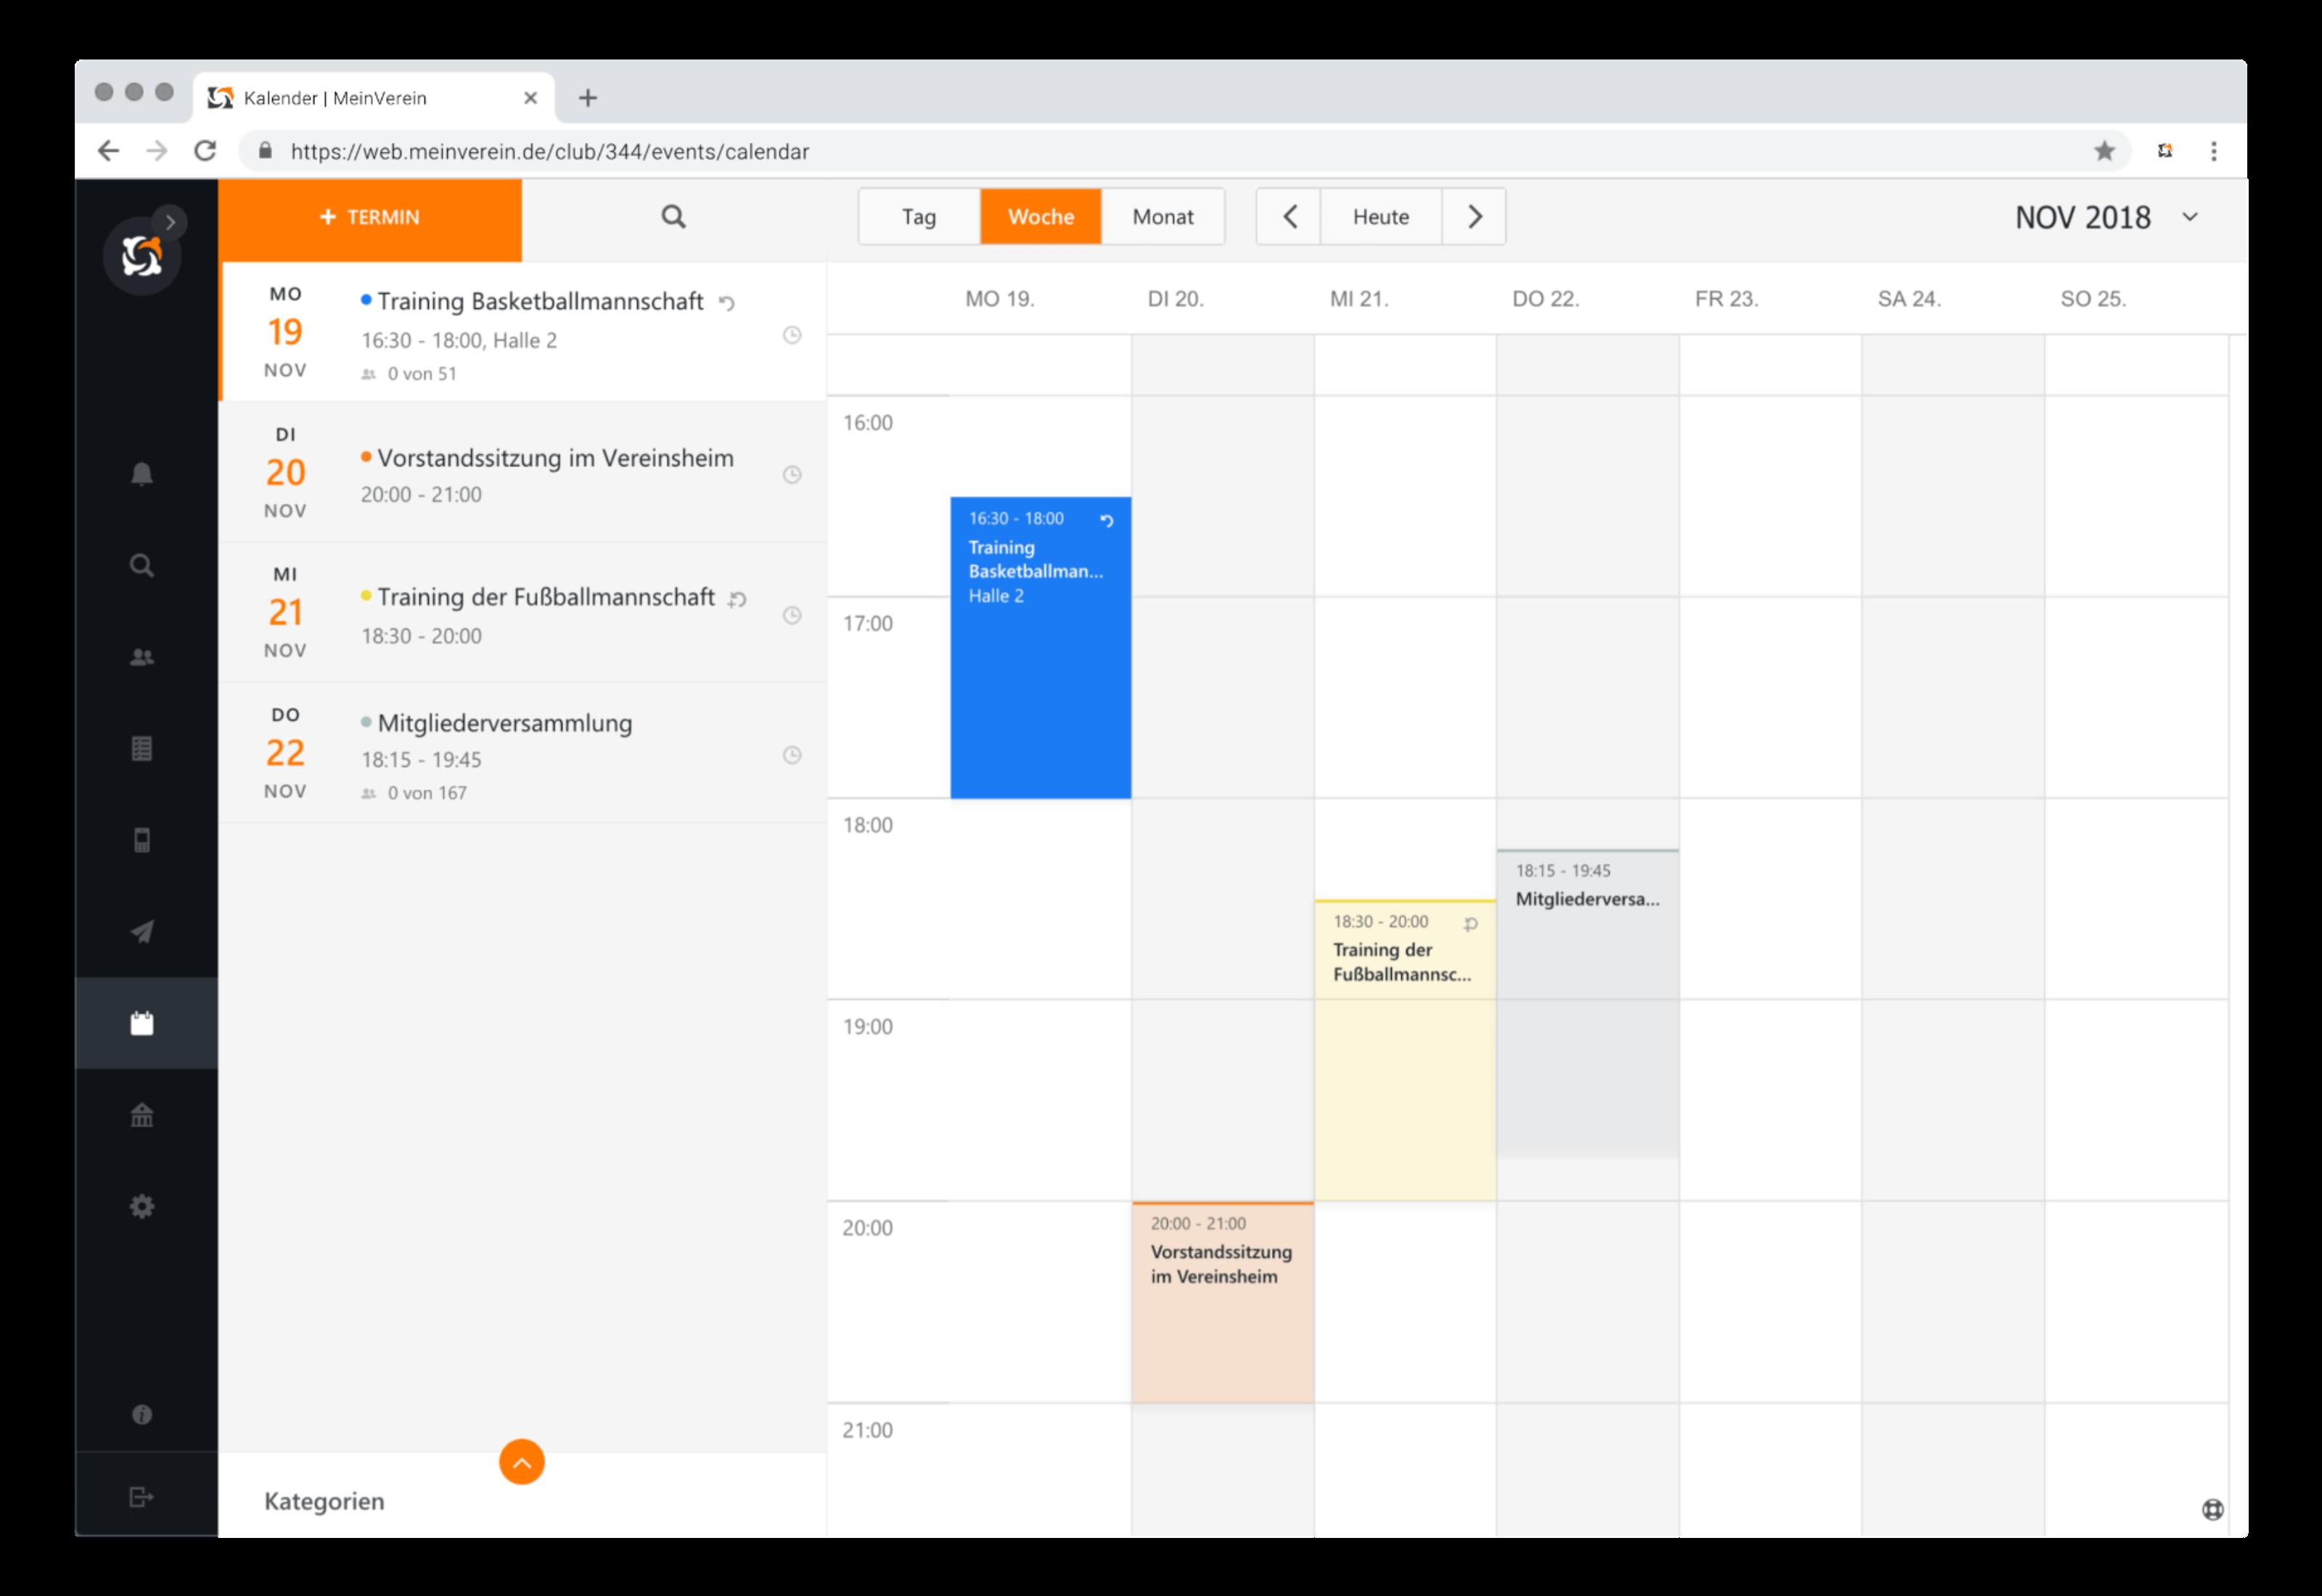 Mein Verein Kalender Wochenansicht